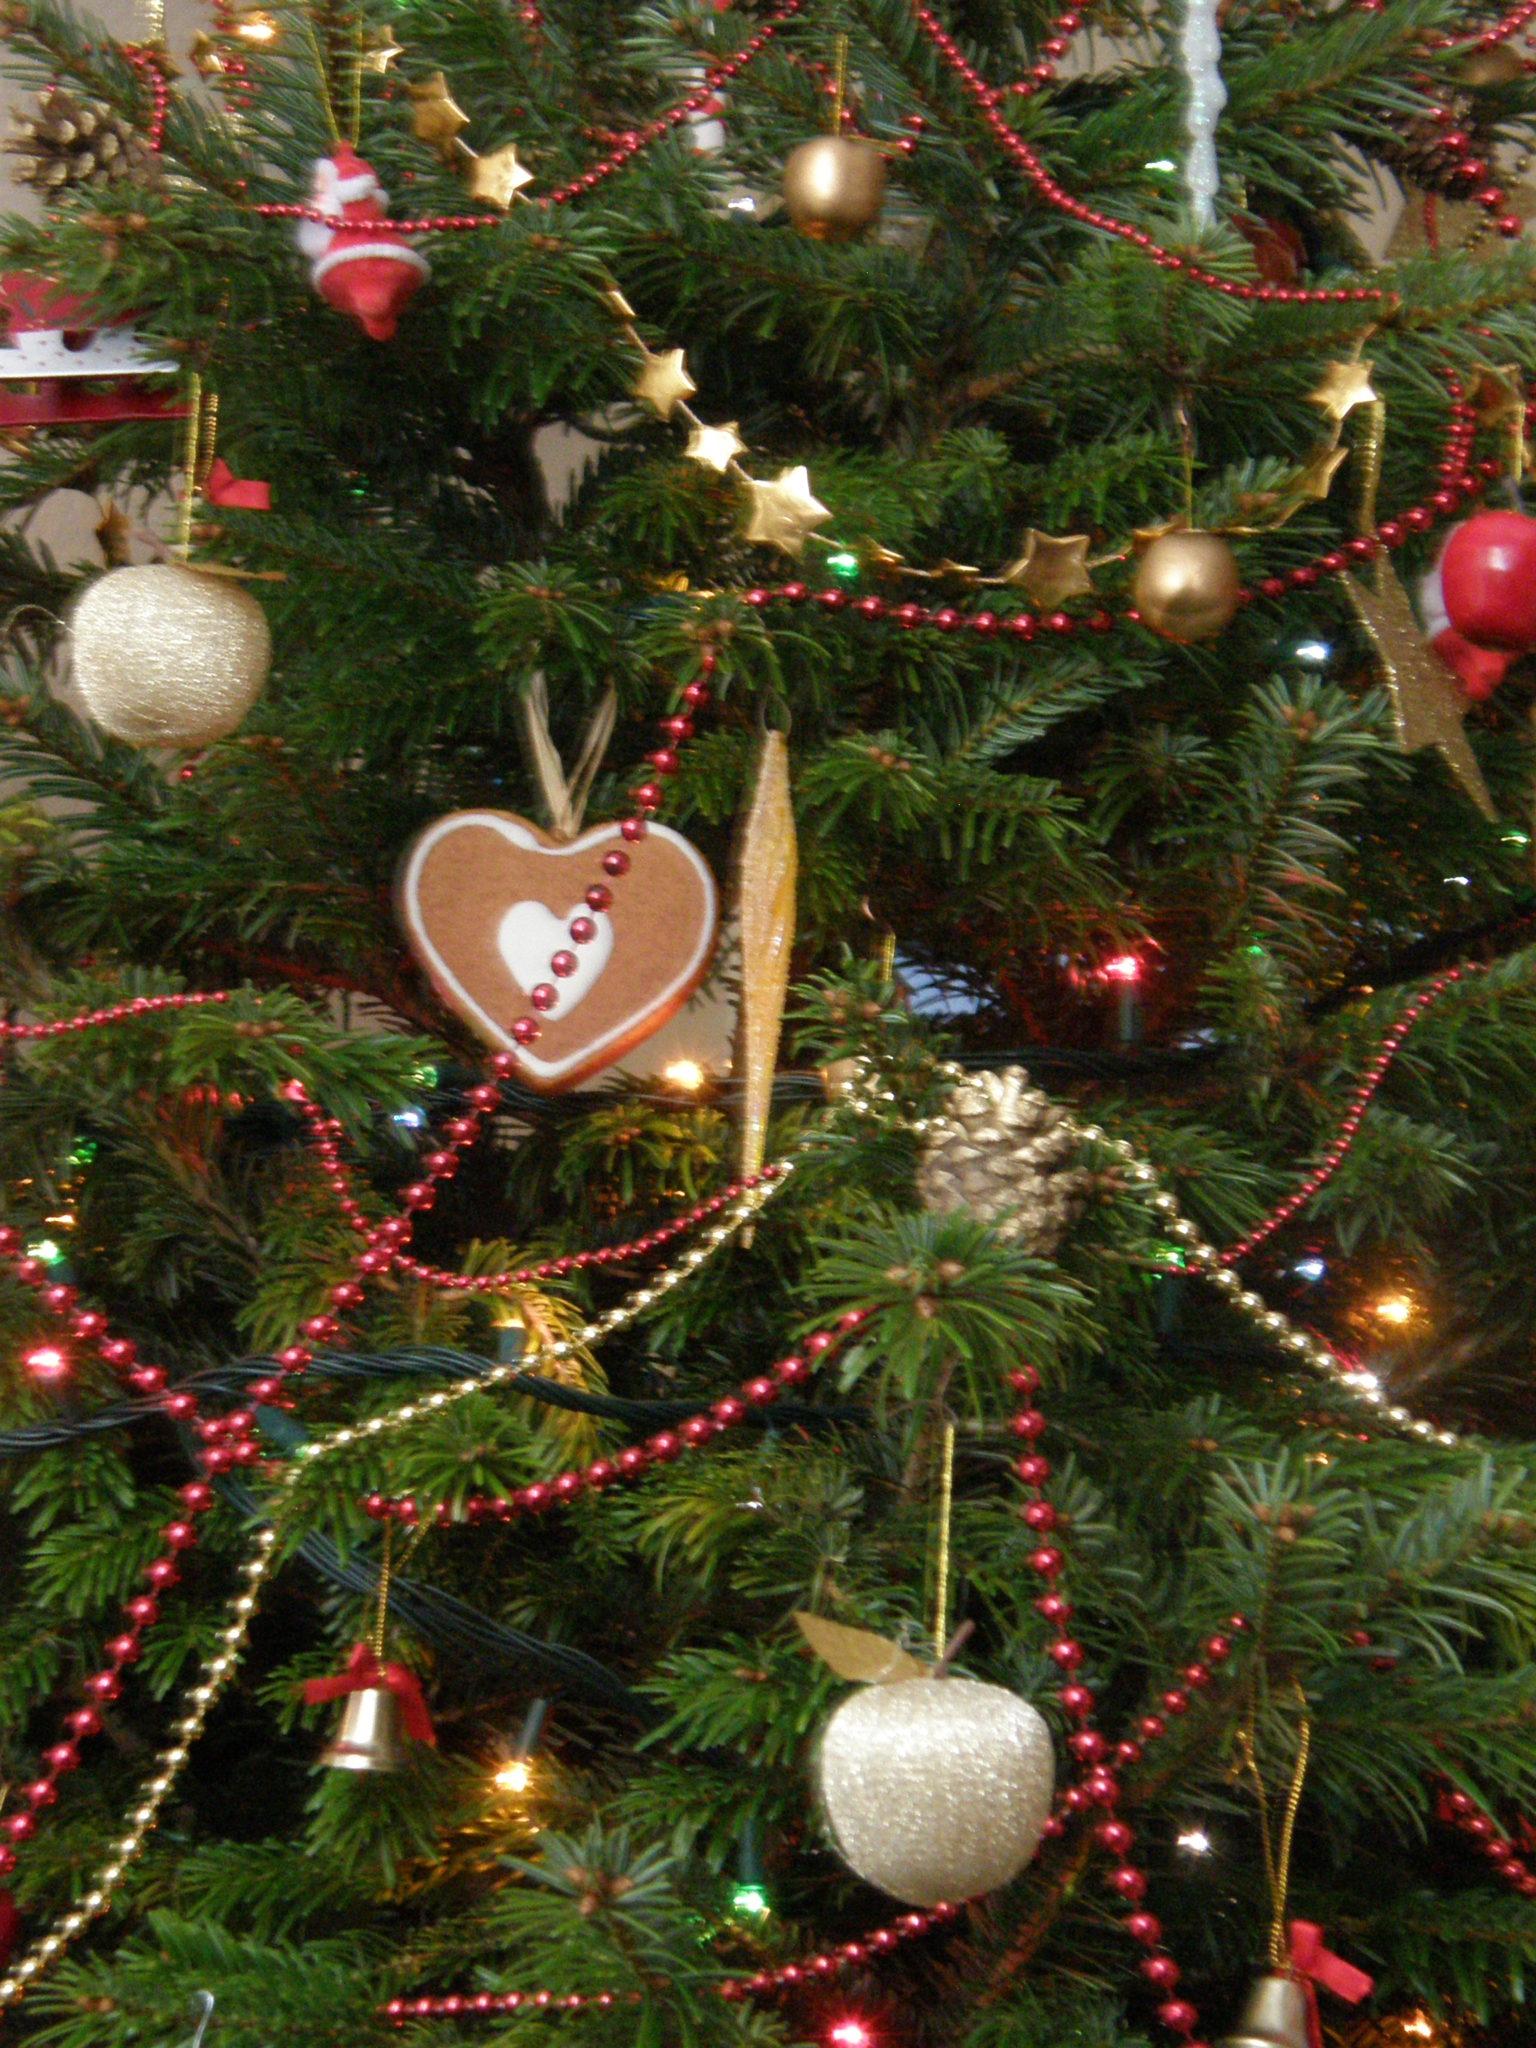 2014-12-24 do 2014-12-26: przewodnik bożonarodzeniowy dla Saskiej Kępy